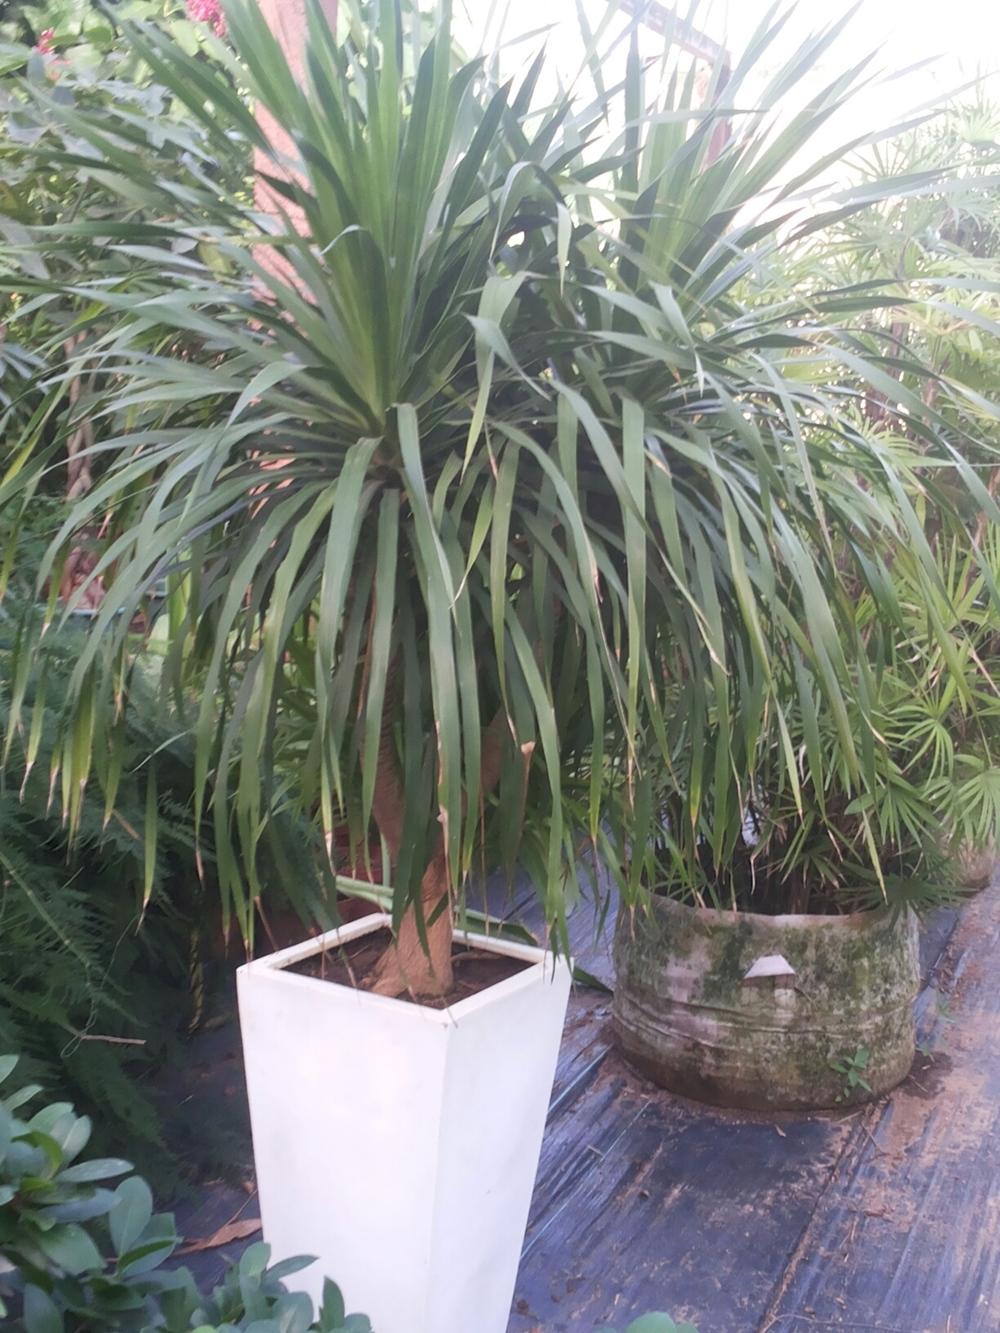 Jardinerie de plantes ornementales tropicales - Entretien dracaena marginata ...